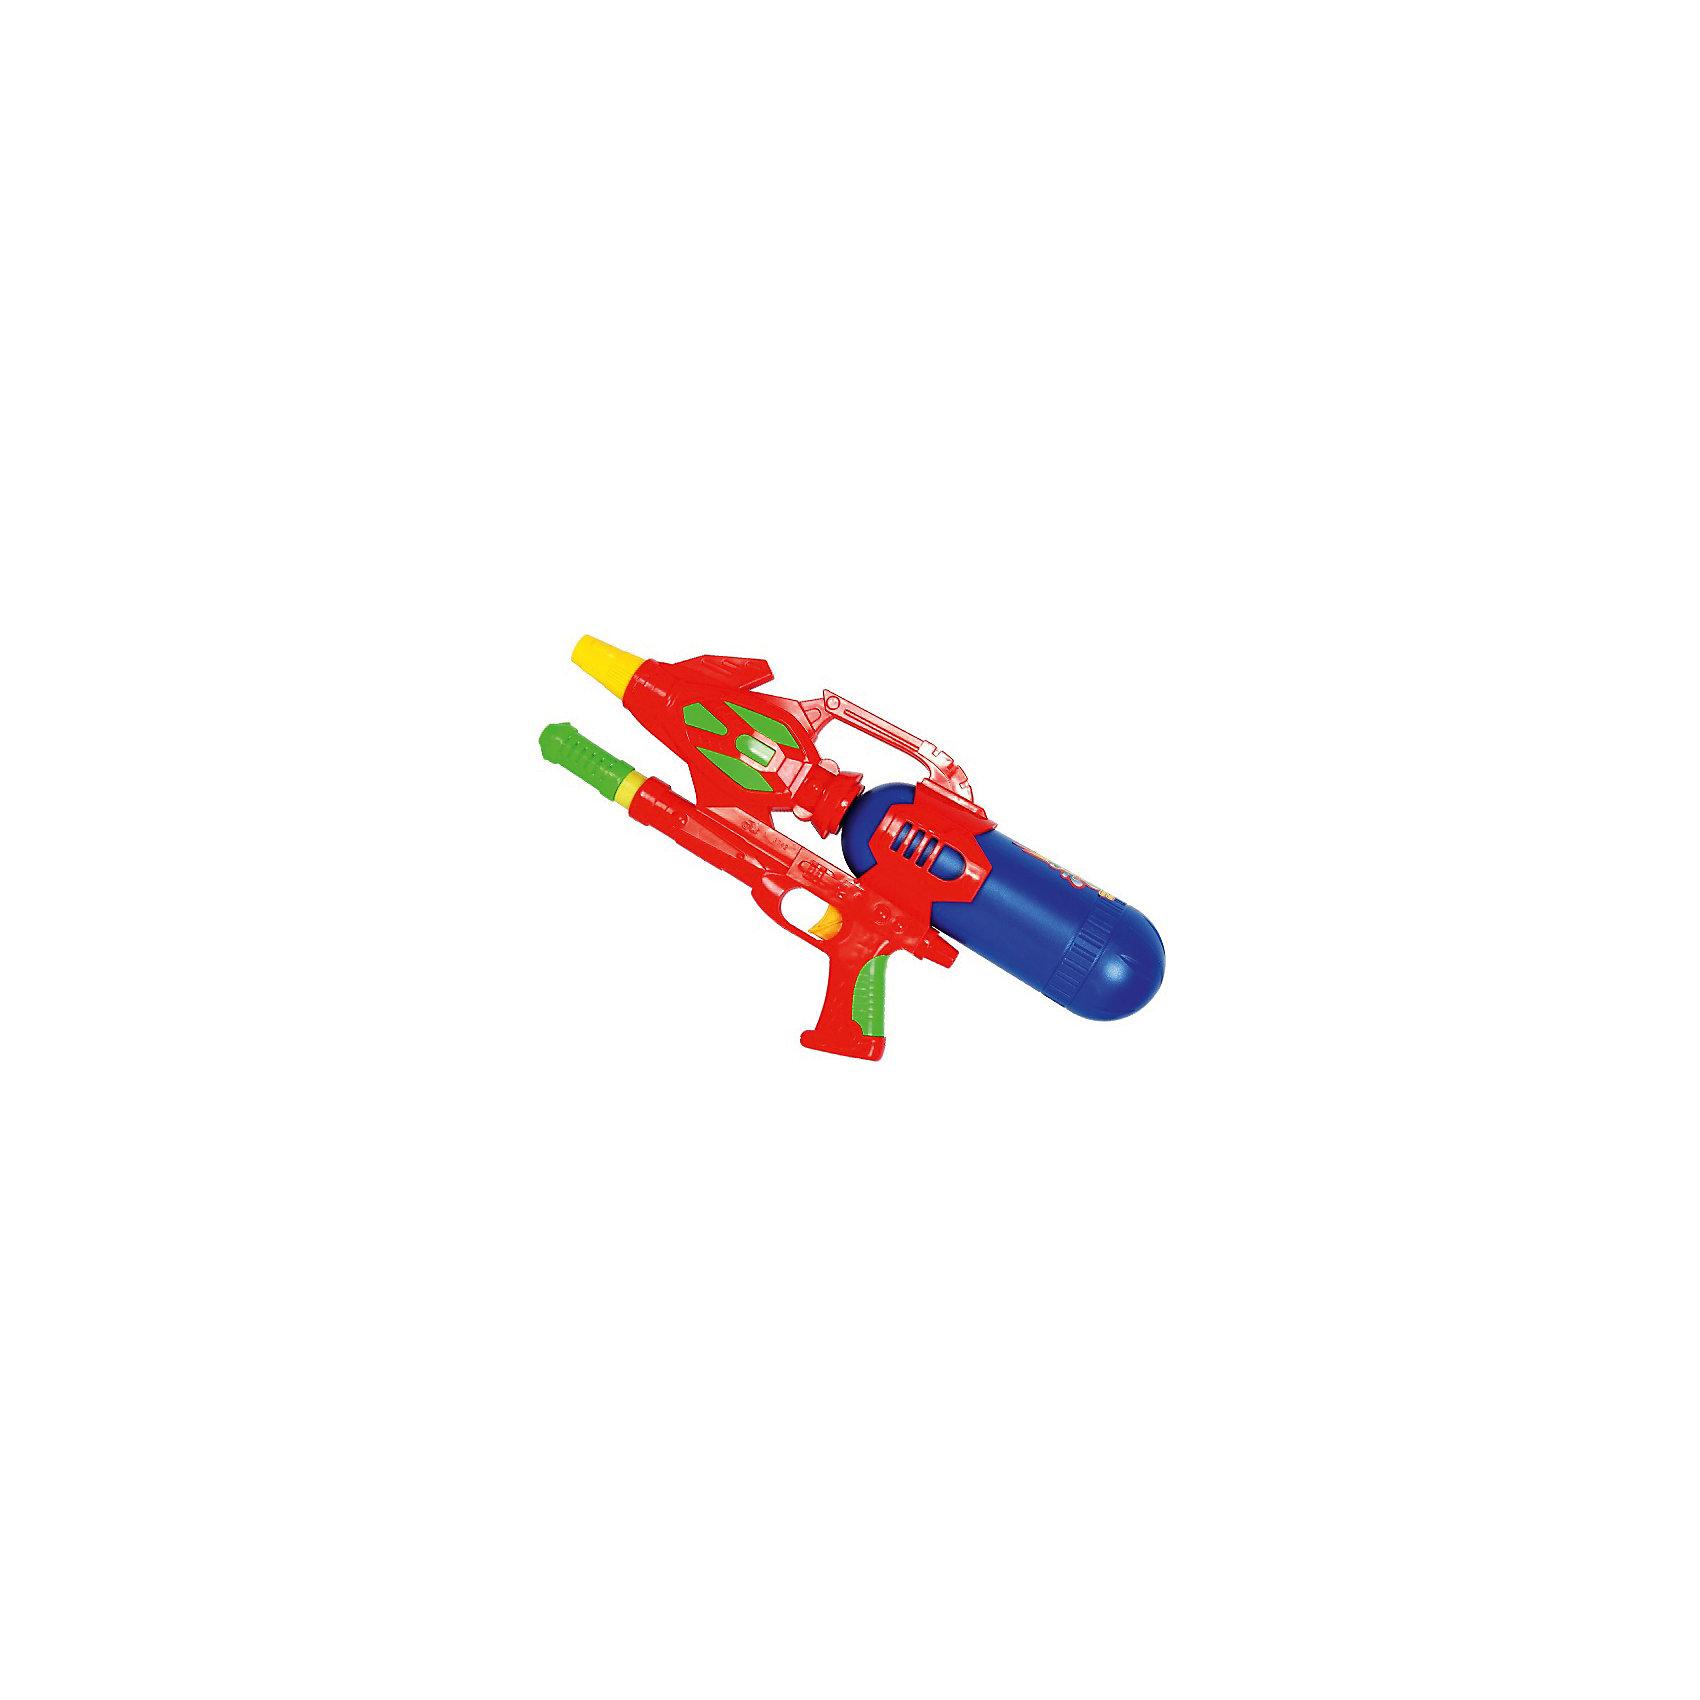 Водный автомат Юный пират, 43 см, BebelotВодный автомат Юный пират, Bebelot, станет отличным развлечением в жаркие летние дни. Игрушка выполнена в ярком красочном дизайне и состоит из автомата и съемного резервуара для воды, который надежно фиксируется при помощи резьбы. Все материалы качественные и прочные. Оружие-водомет имеет небольшой вес и удобно располагается в руке. Перед началом игры заполните резервуар водой и начинайте стрелять! При нажатии на курок автомат выстреливает струей воды. Юные любители пострелять могут устраивать настоящие водные сражения, бесконечно наполняя резервуар водой и поливая друг друга. Игры с водяным оружием не только увлекательны, но и безопасны для ребёнка, развивают глазомер, точность, меткость и ловкость.<br><br>Дополнительная информация:<br><br>- Материал: пластик.<br>- Длина водомета: 43 см.<br>- Размер упаковки: 50 х 9 х 25 см.<br>- Вес: 0,29 кг.<br> <br>Водный автомат Юный пират, 43 см., Bebelot, можно купить в нашем интернет-магазине.<br><br>Ширина мм: 500<br>Глубина мм: 90<br>Высота мм: 250<br>Вес г: 295<br>Возраст от месяцев: 36<br>Возраст до месяцев: 72<br>Пол: Унисекс<br>Возраст: Детский<br>SKU: 4622214